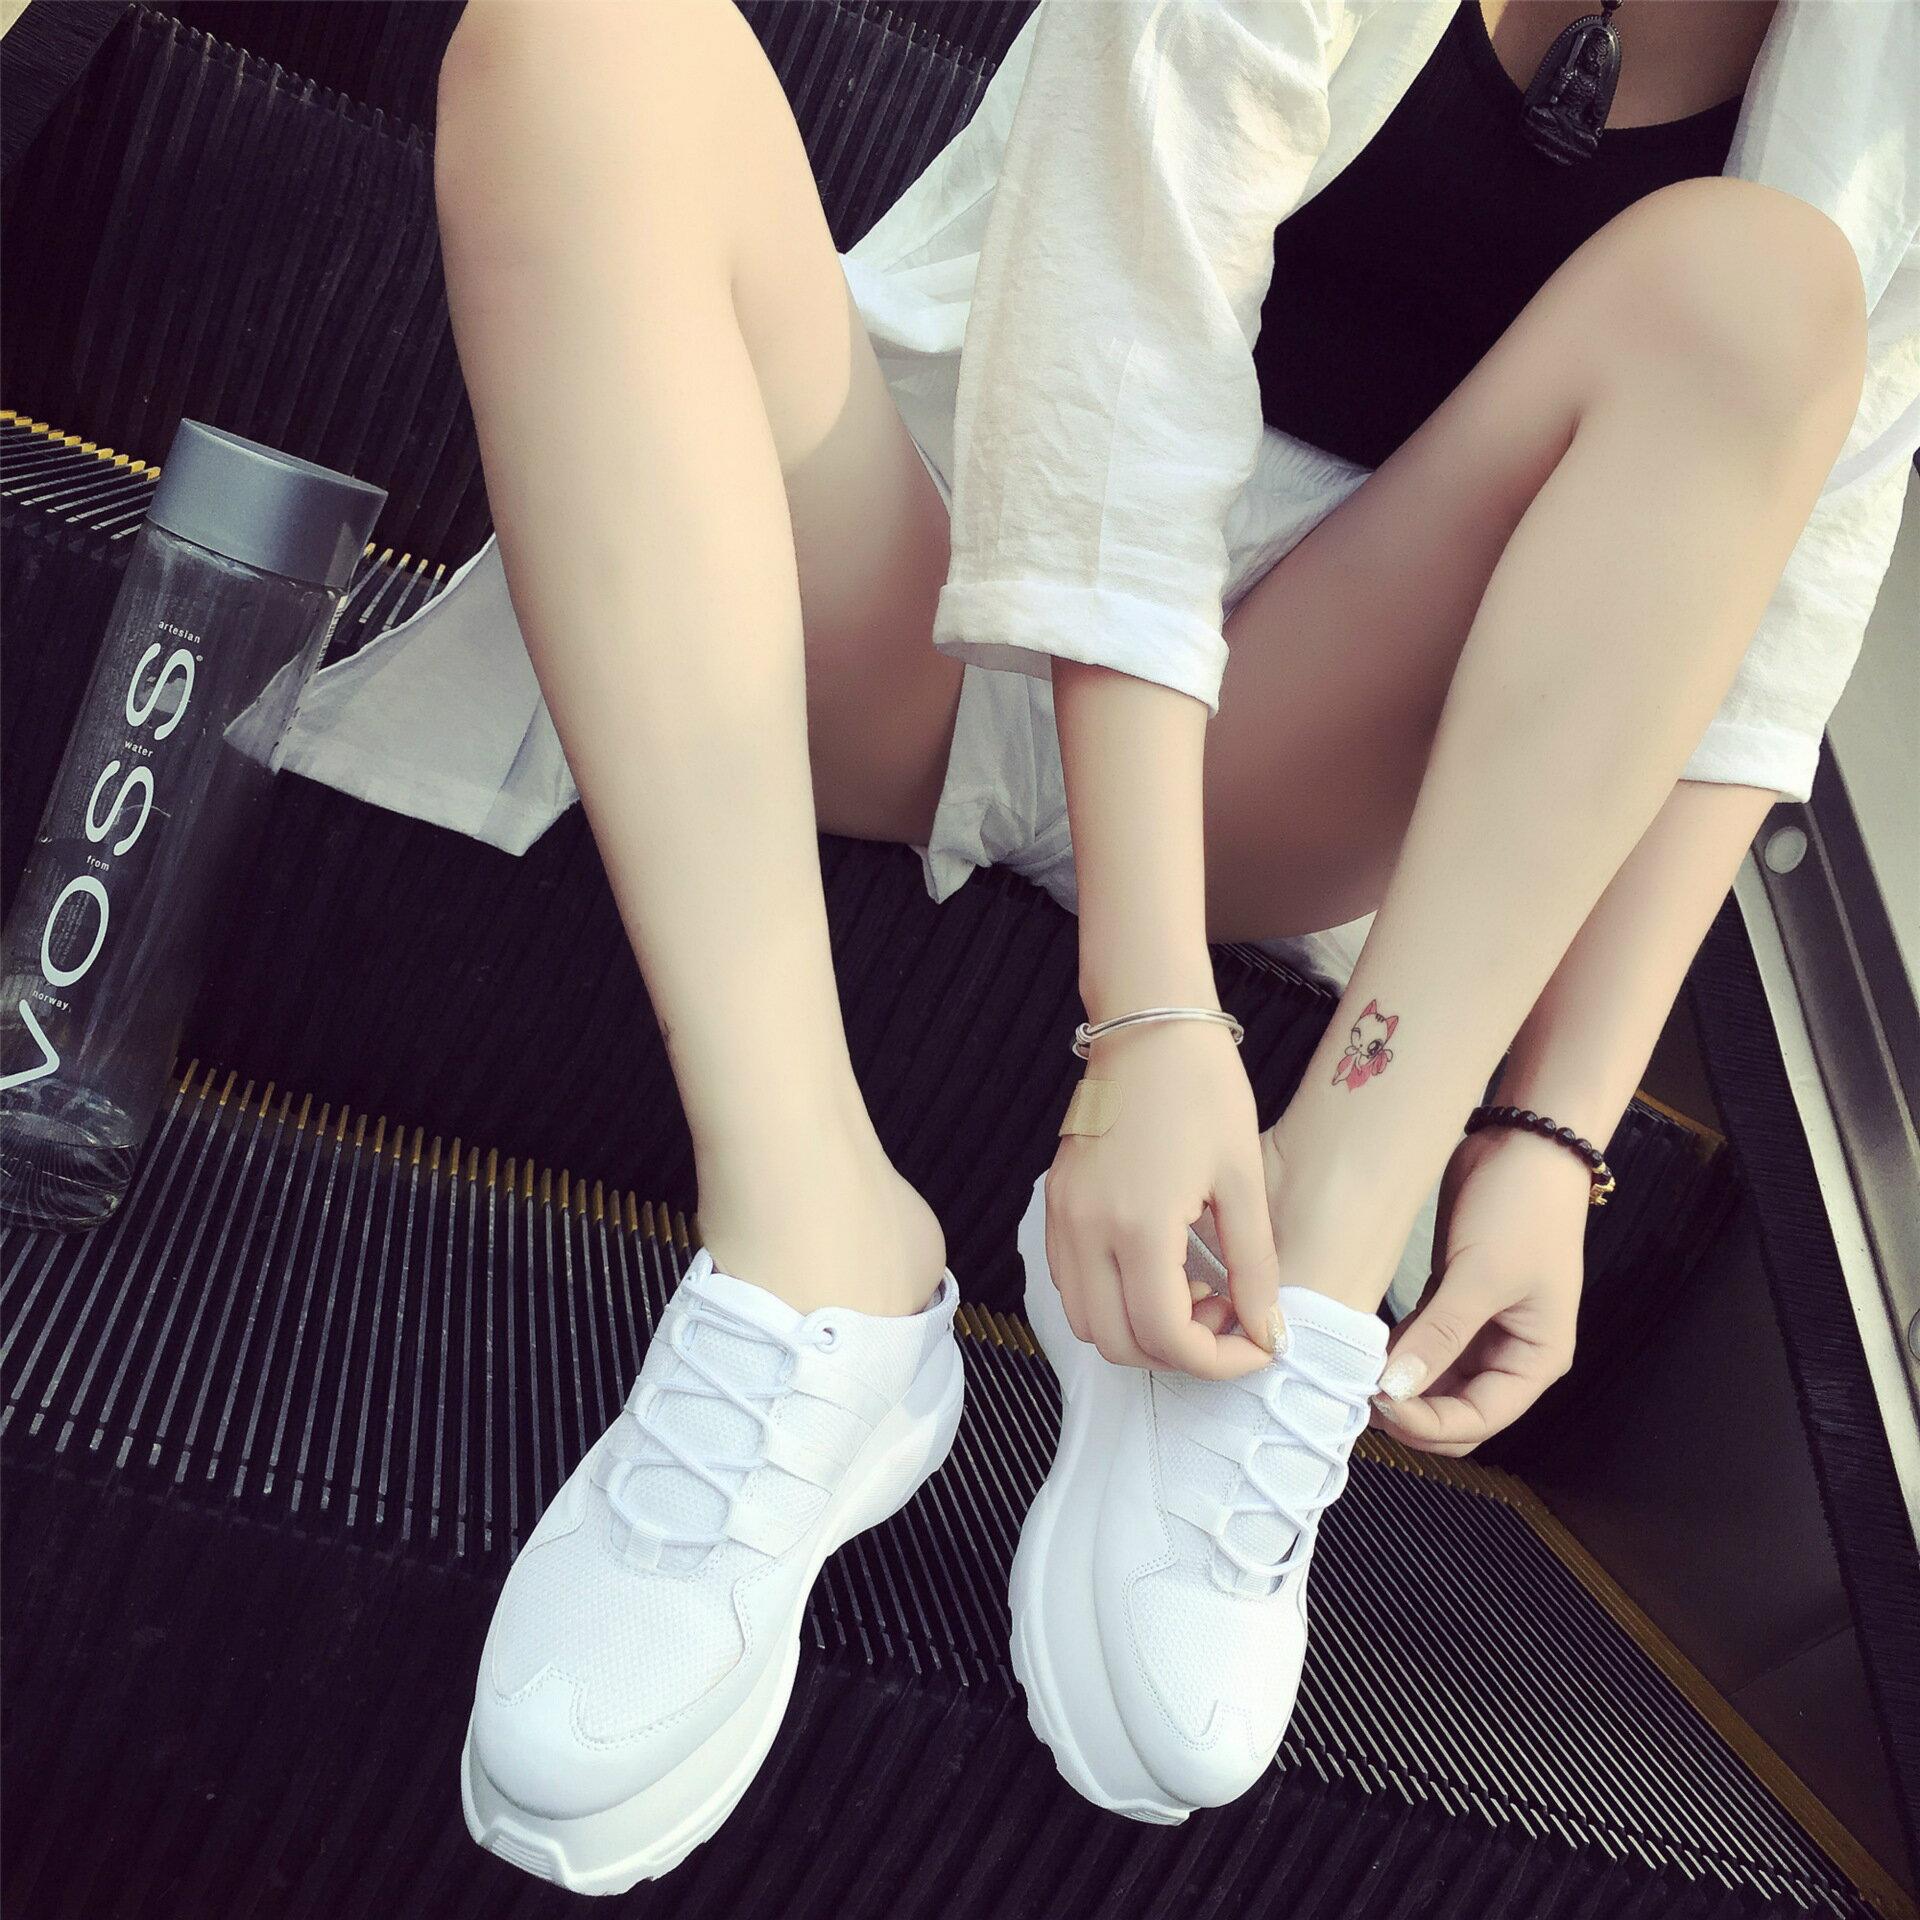 歐美厚底小白鞋採後腳無後跟半拖鞋包頭厚底休閒百搭懶人鞋女鞋